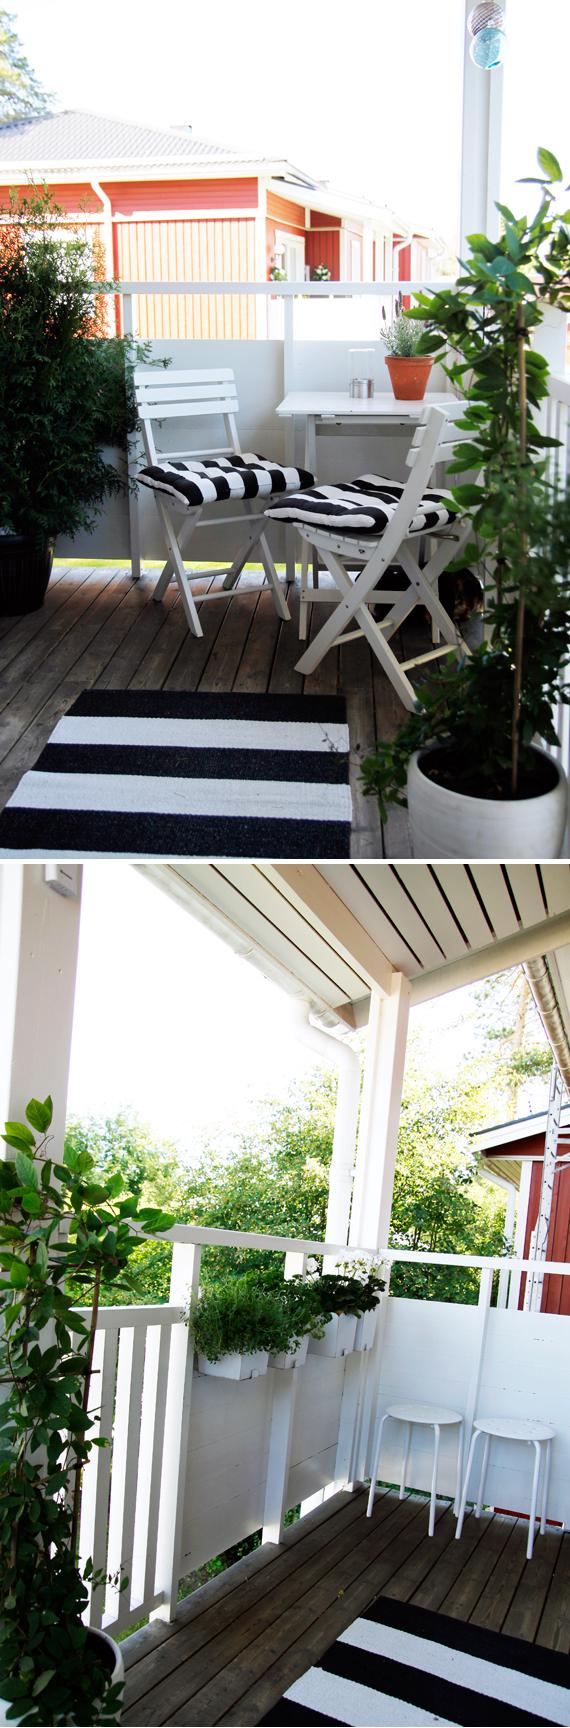 inspirera mera inspireramera inredning blogg balkong växter tips inredningsblogg